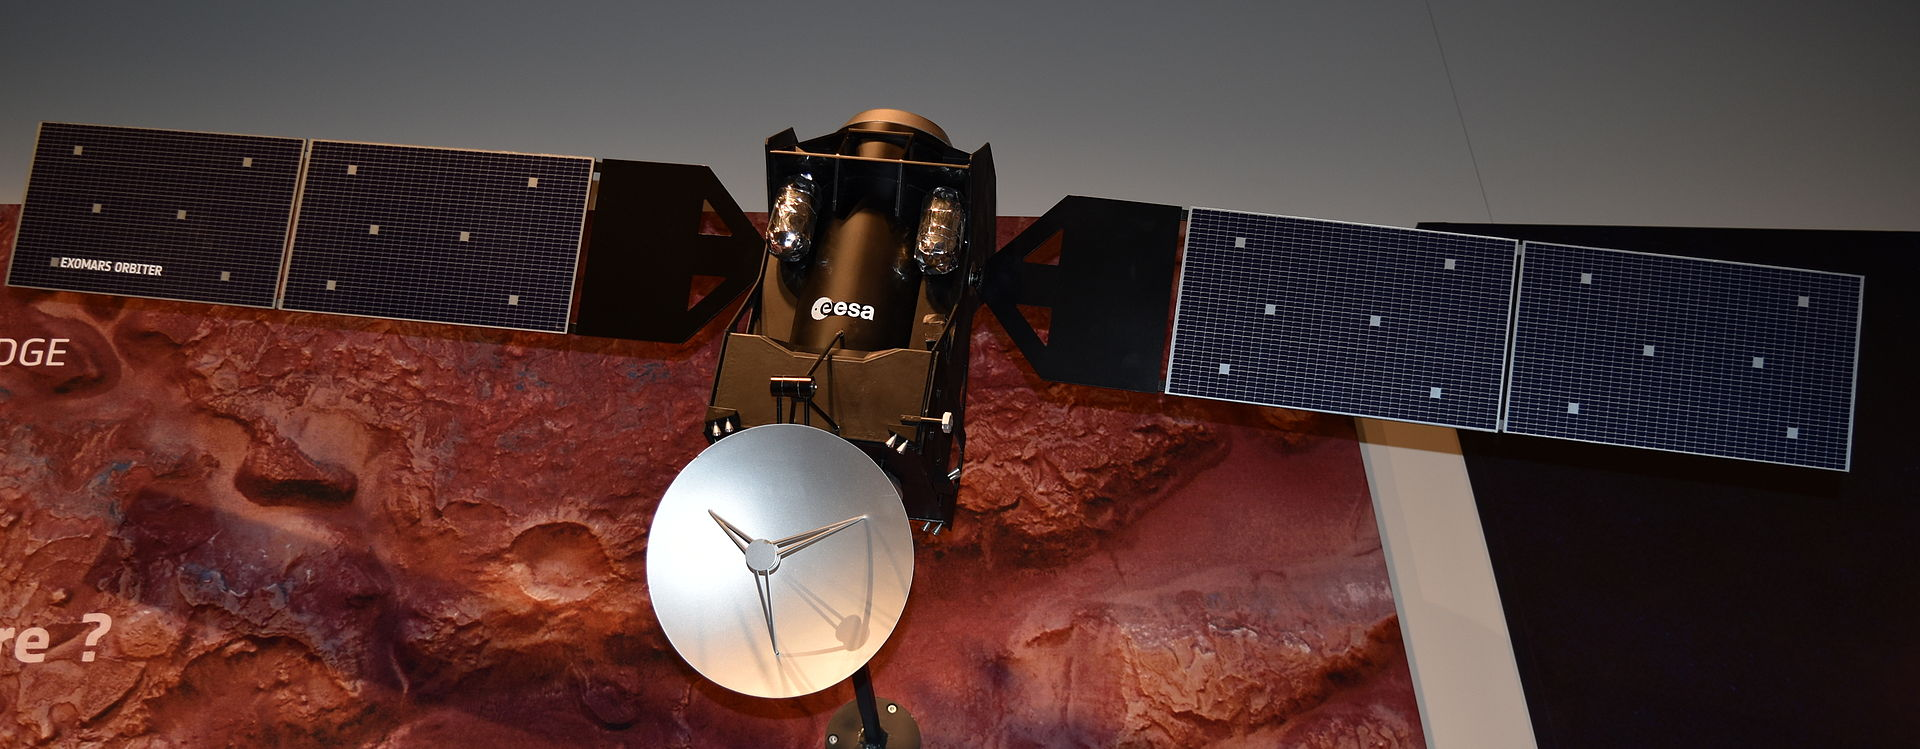 ЕКА: марсианский зонд Schiaparelli разбился из-за неправильного определения высоты при спуске - 2